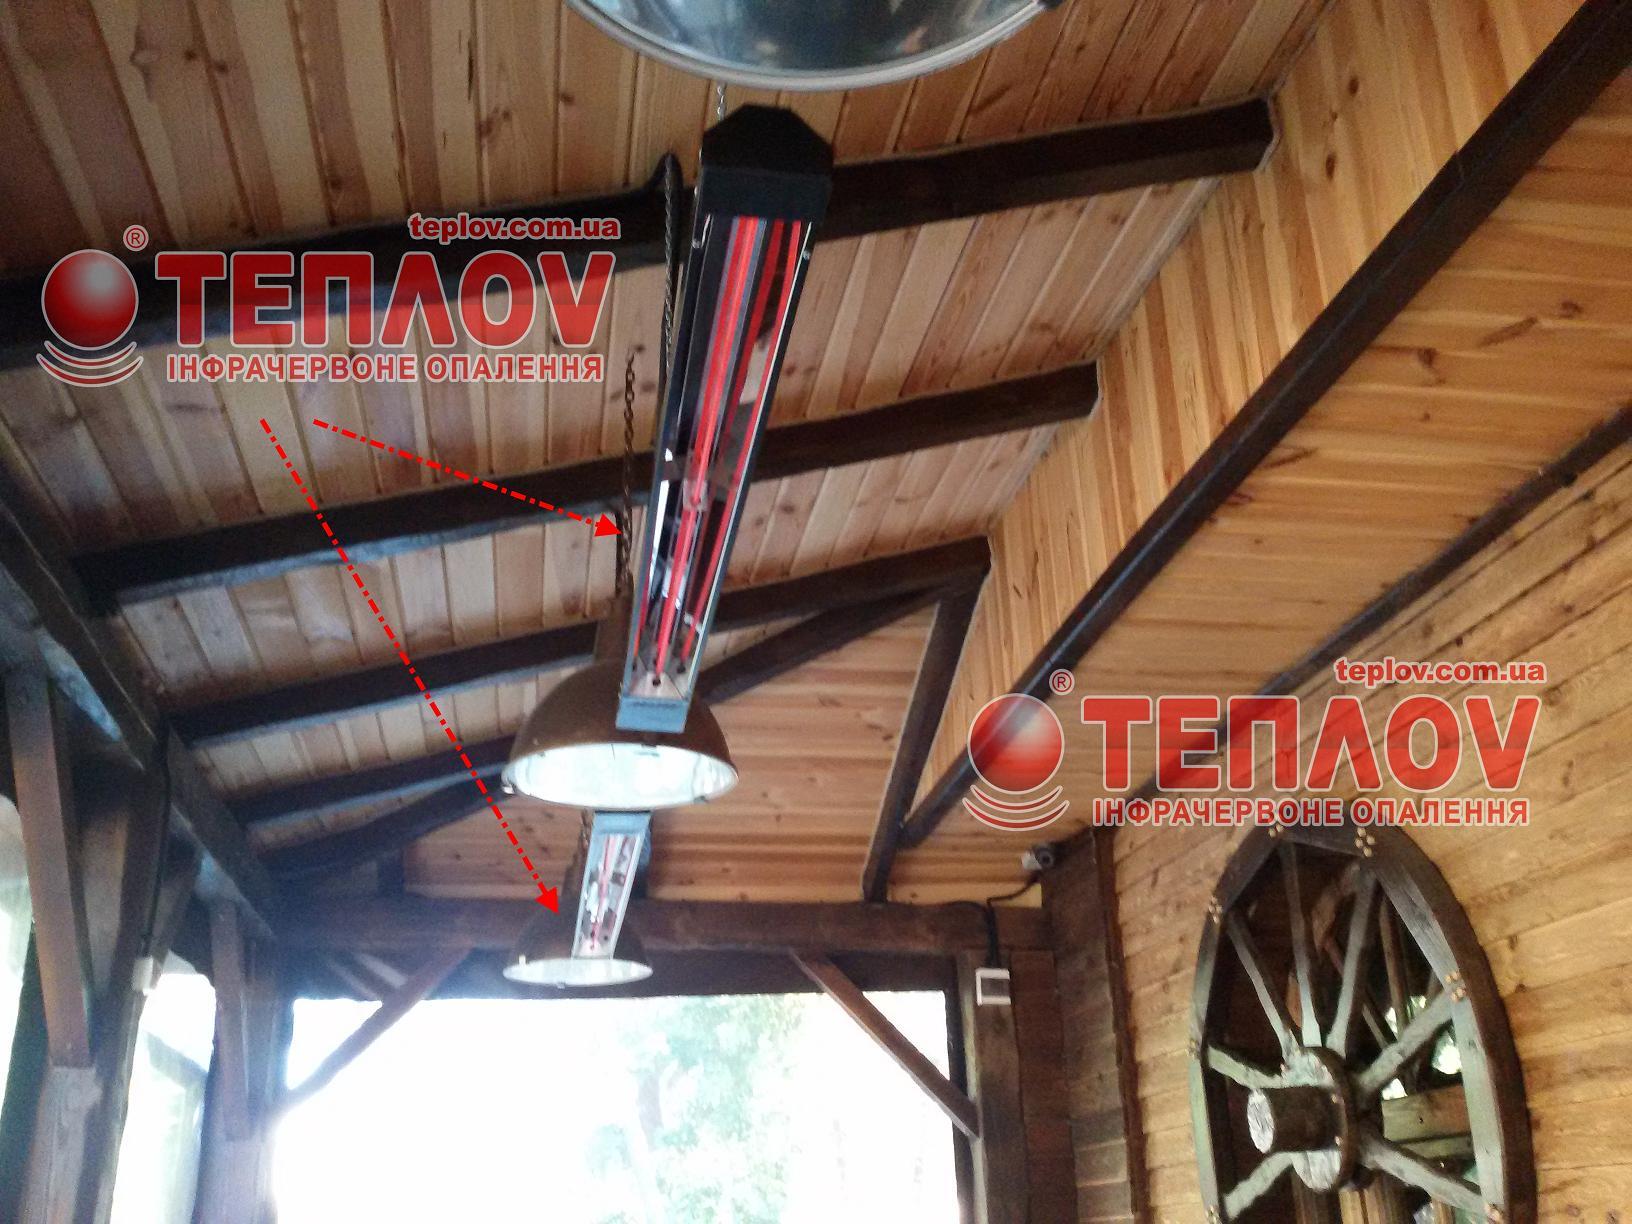 электрический уличный обогреватель применяется для отопления открытых площадок кафе и ресторанов